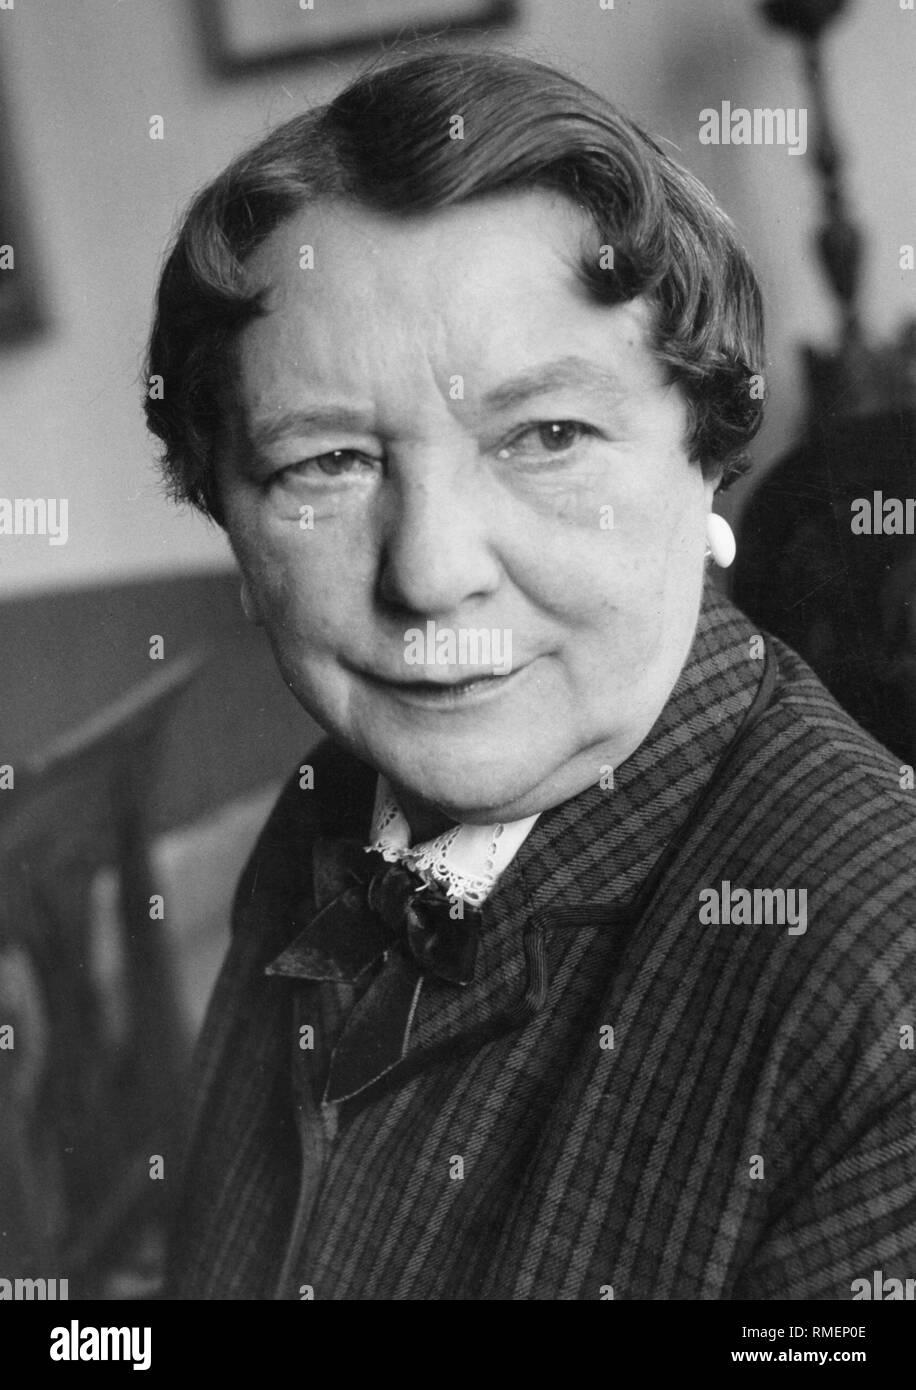 Liesl Karlstadt, a German actress. - Stock Image